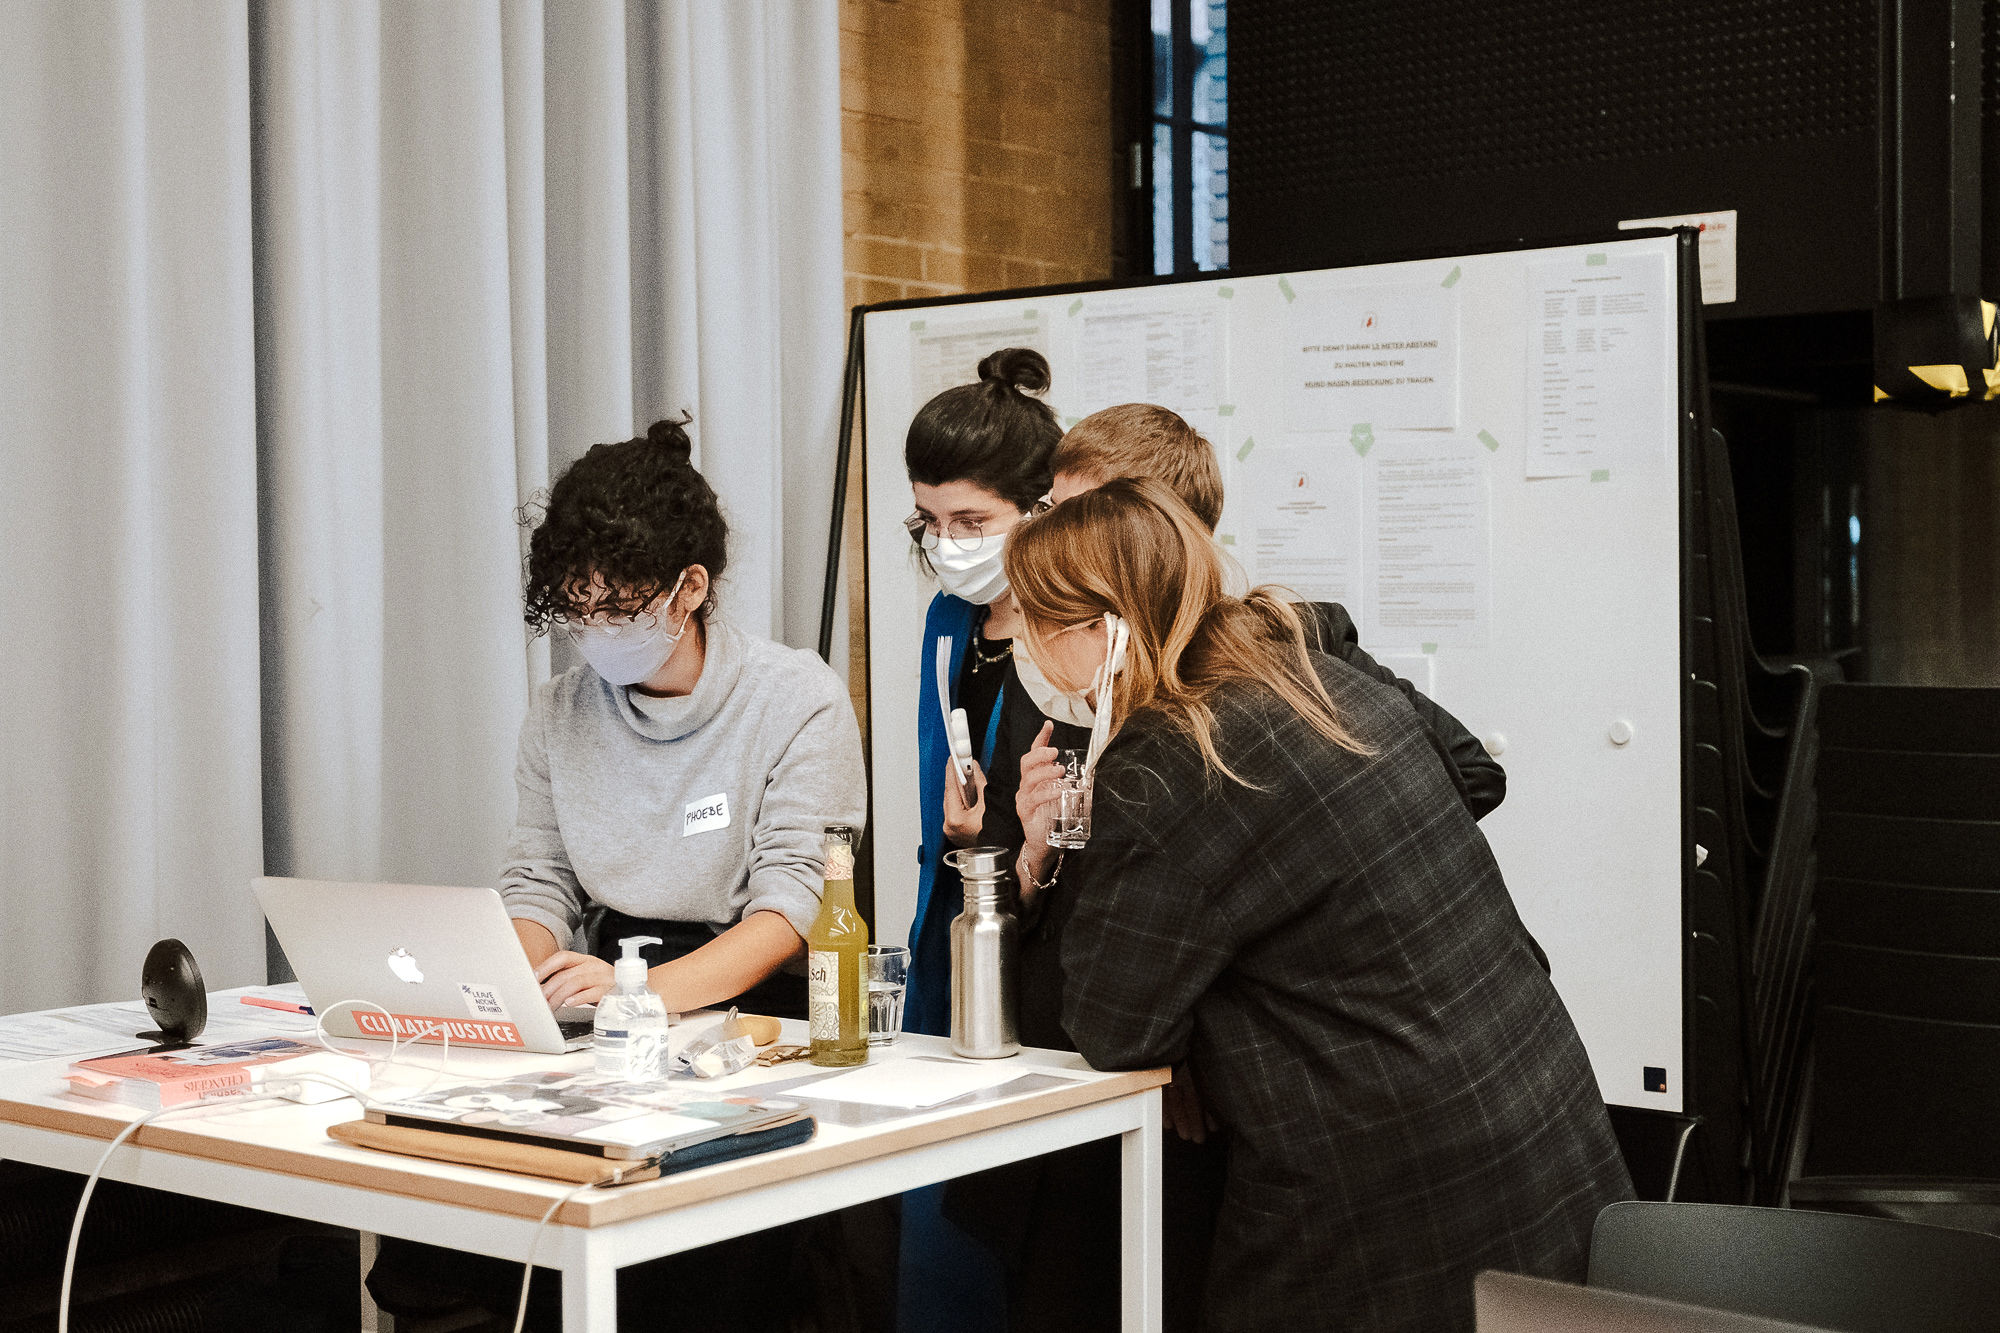 Die Fashion Changers Gründerinnen und eine ihrer Autorinnen stehen vor einem Laptop und besprechen sich